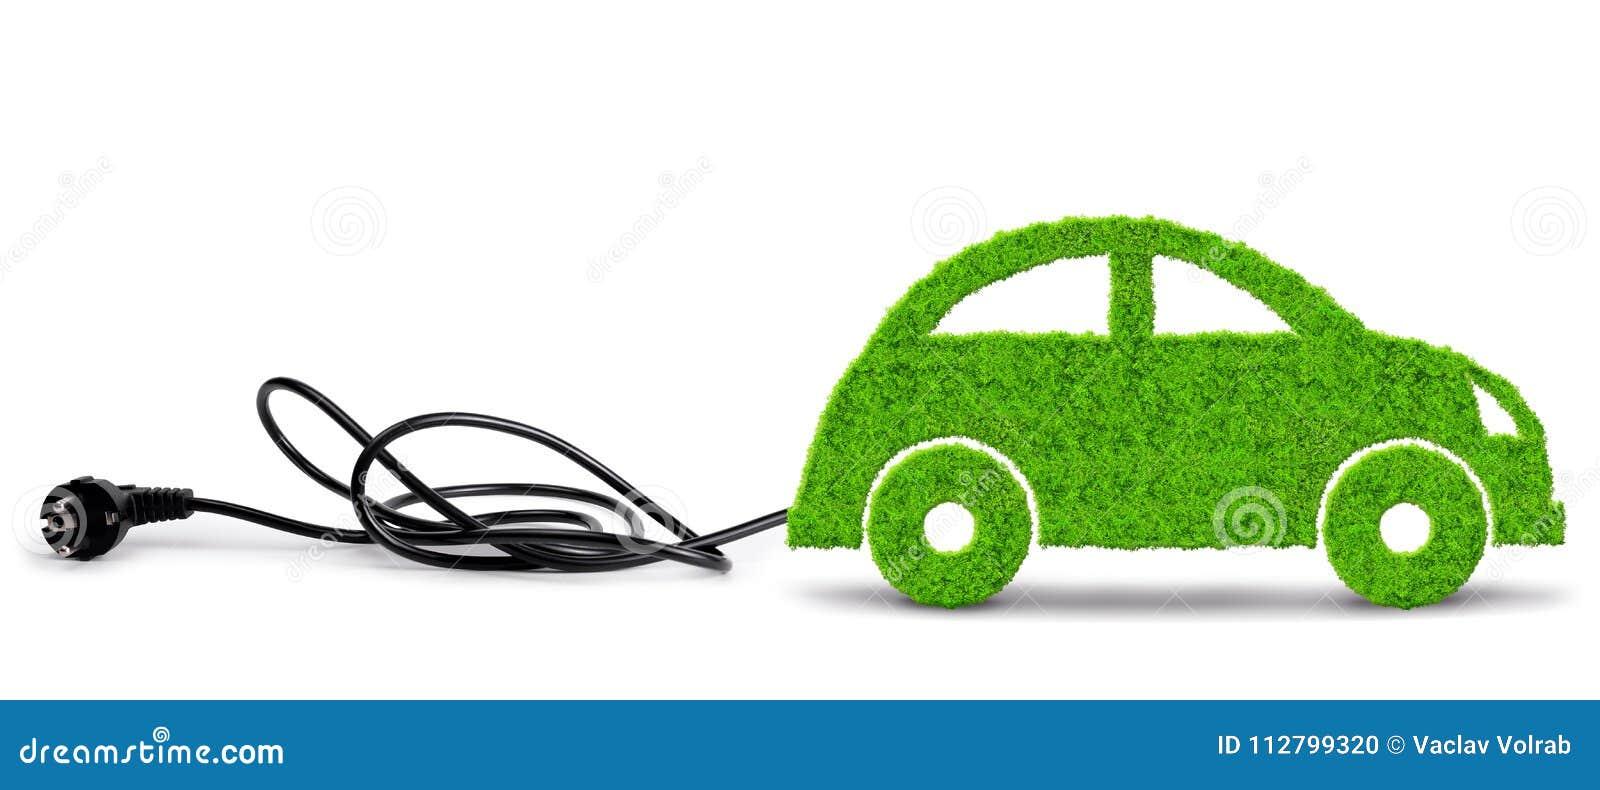 Groene ecoauto met elektrische stop op witte achtergrond